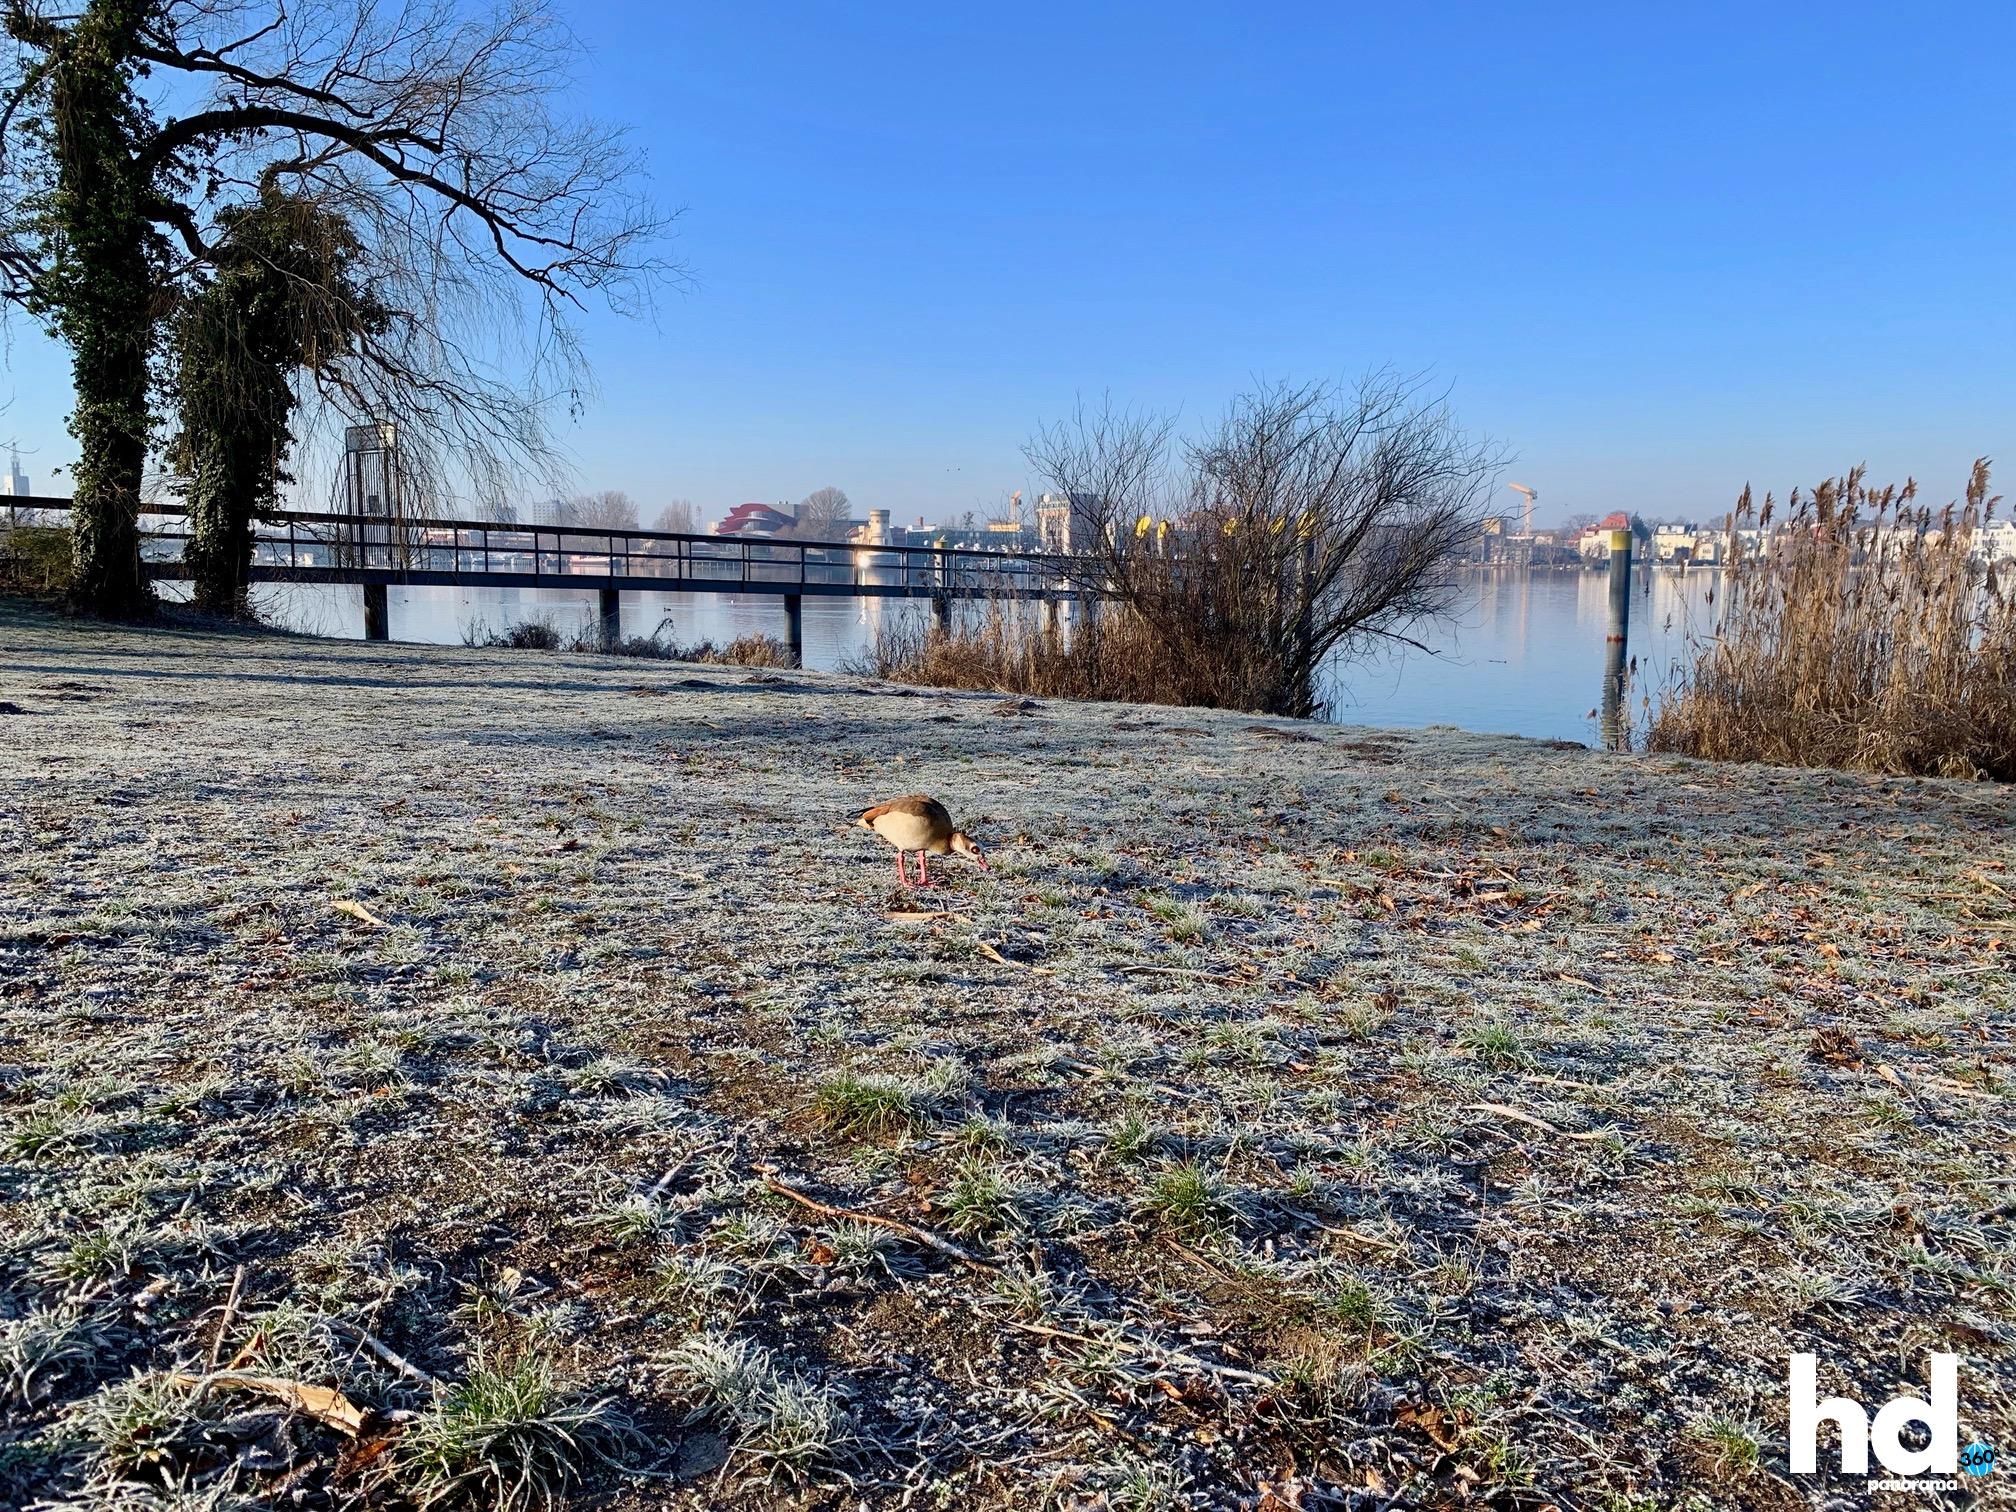 Park Babelsberg: Ente am Tiefen See im frostigen Winter - HD-Panorama © René Blanke